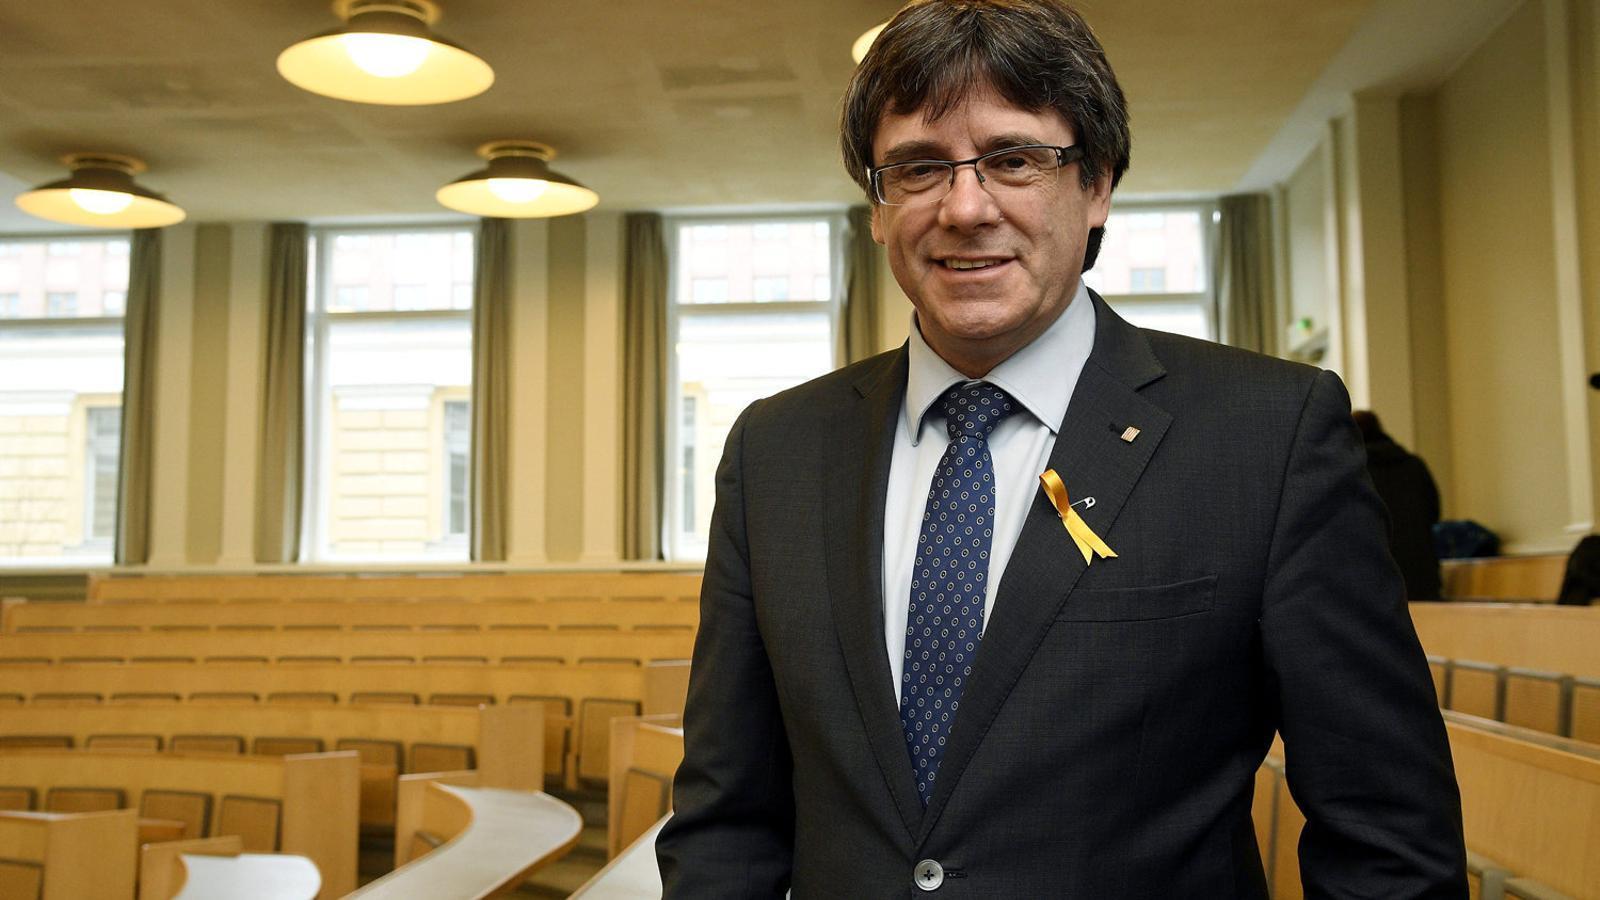 El president de la Generalitat, Carles Puigdemont, va pronunciar una conferència a la Universitat de Helsinki.